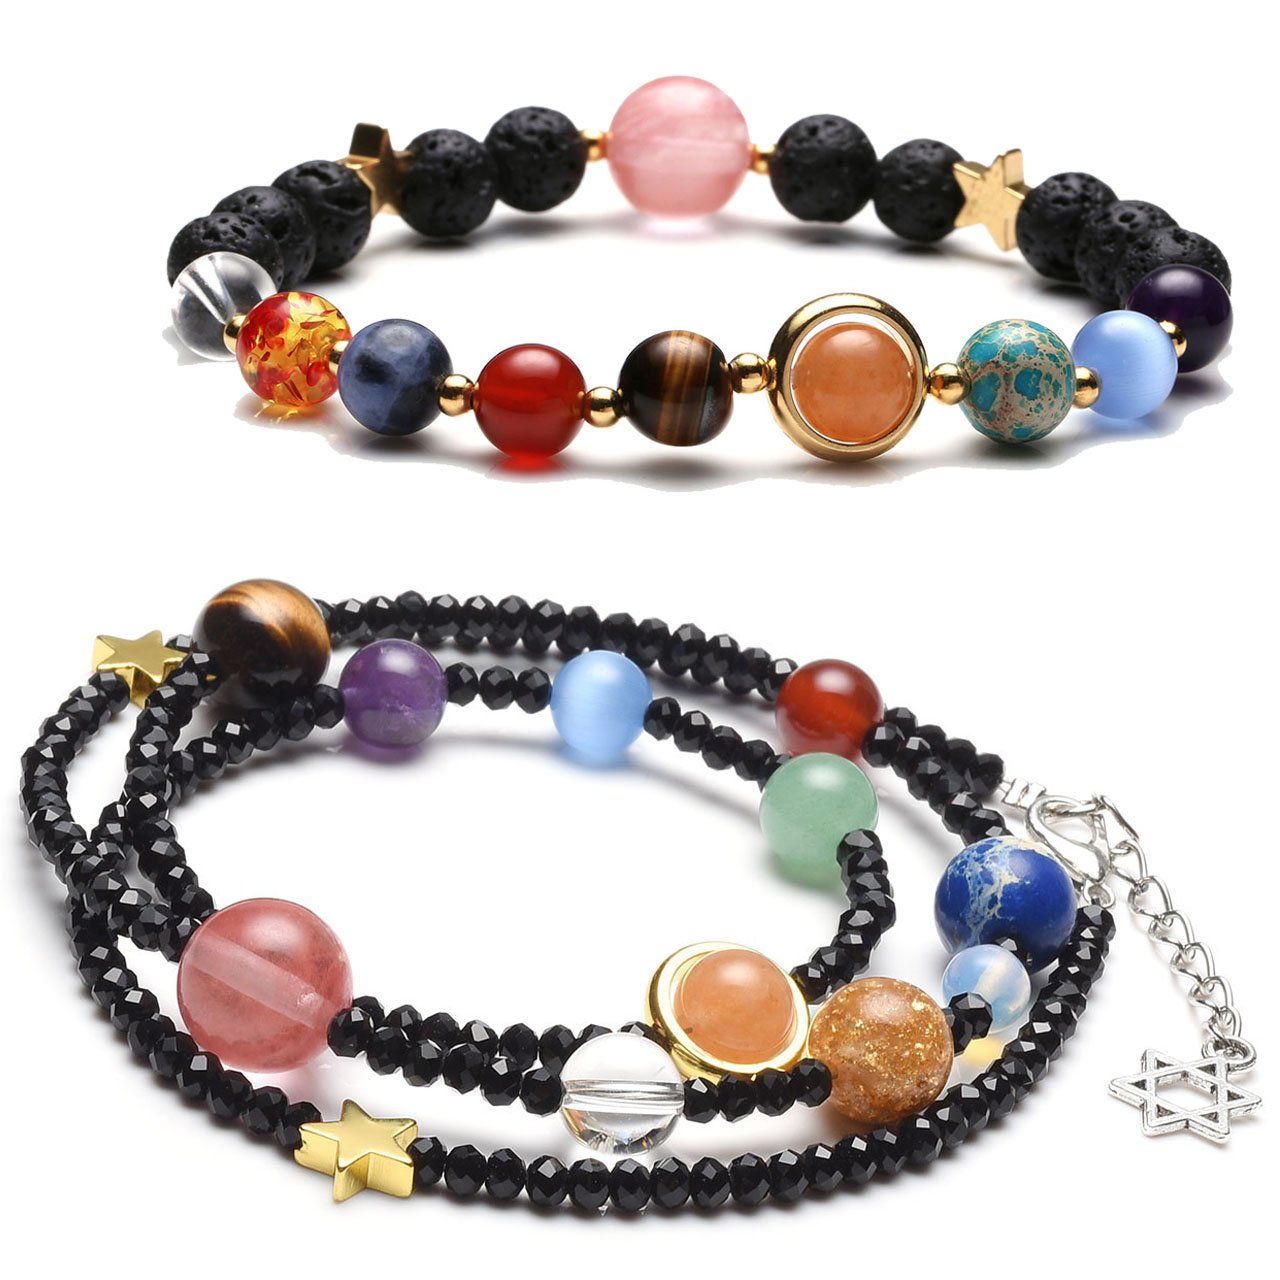 Top Plaza Unique Solar System Nine Planets Bracelet Chakra Reiki Healing Crystal Yoga Meditation Adjustable Bracelets Necklace Set(Black)